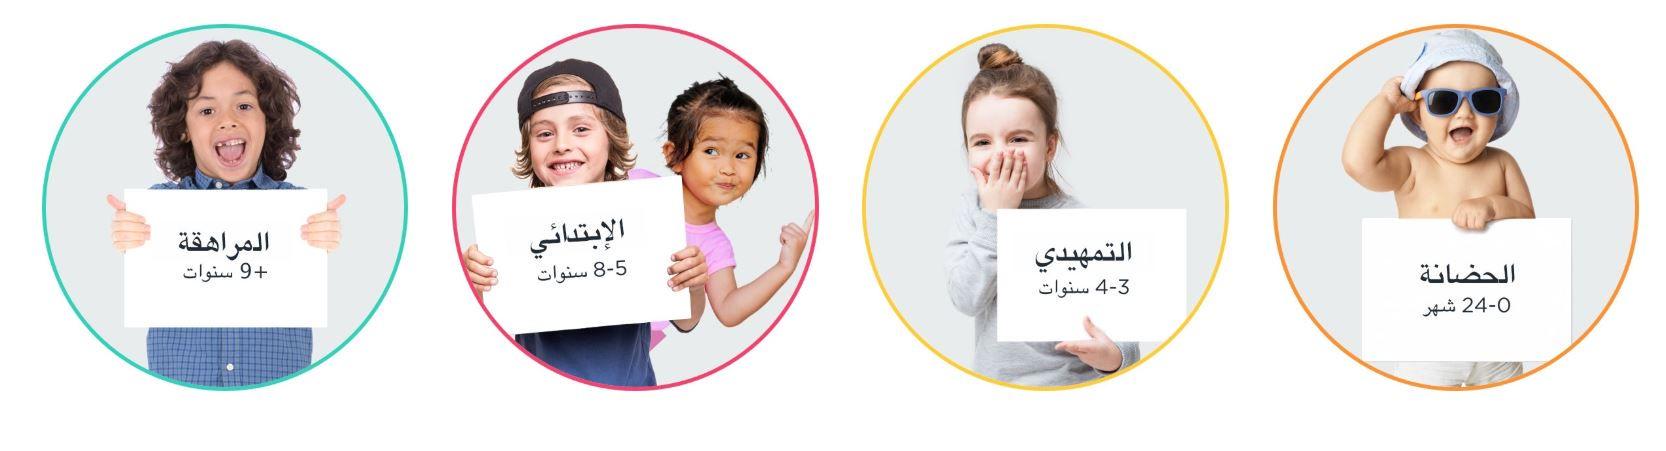 عروض العوده للمدارس 2020 عالم الامهات